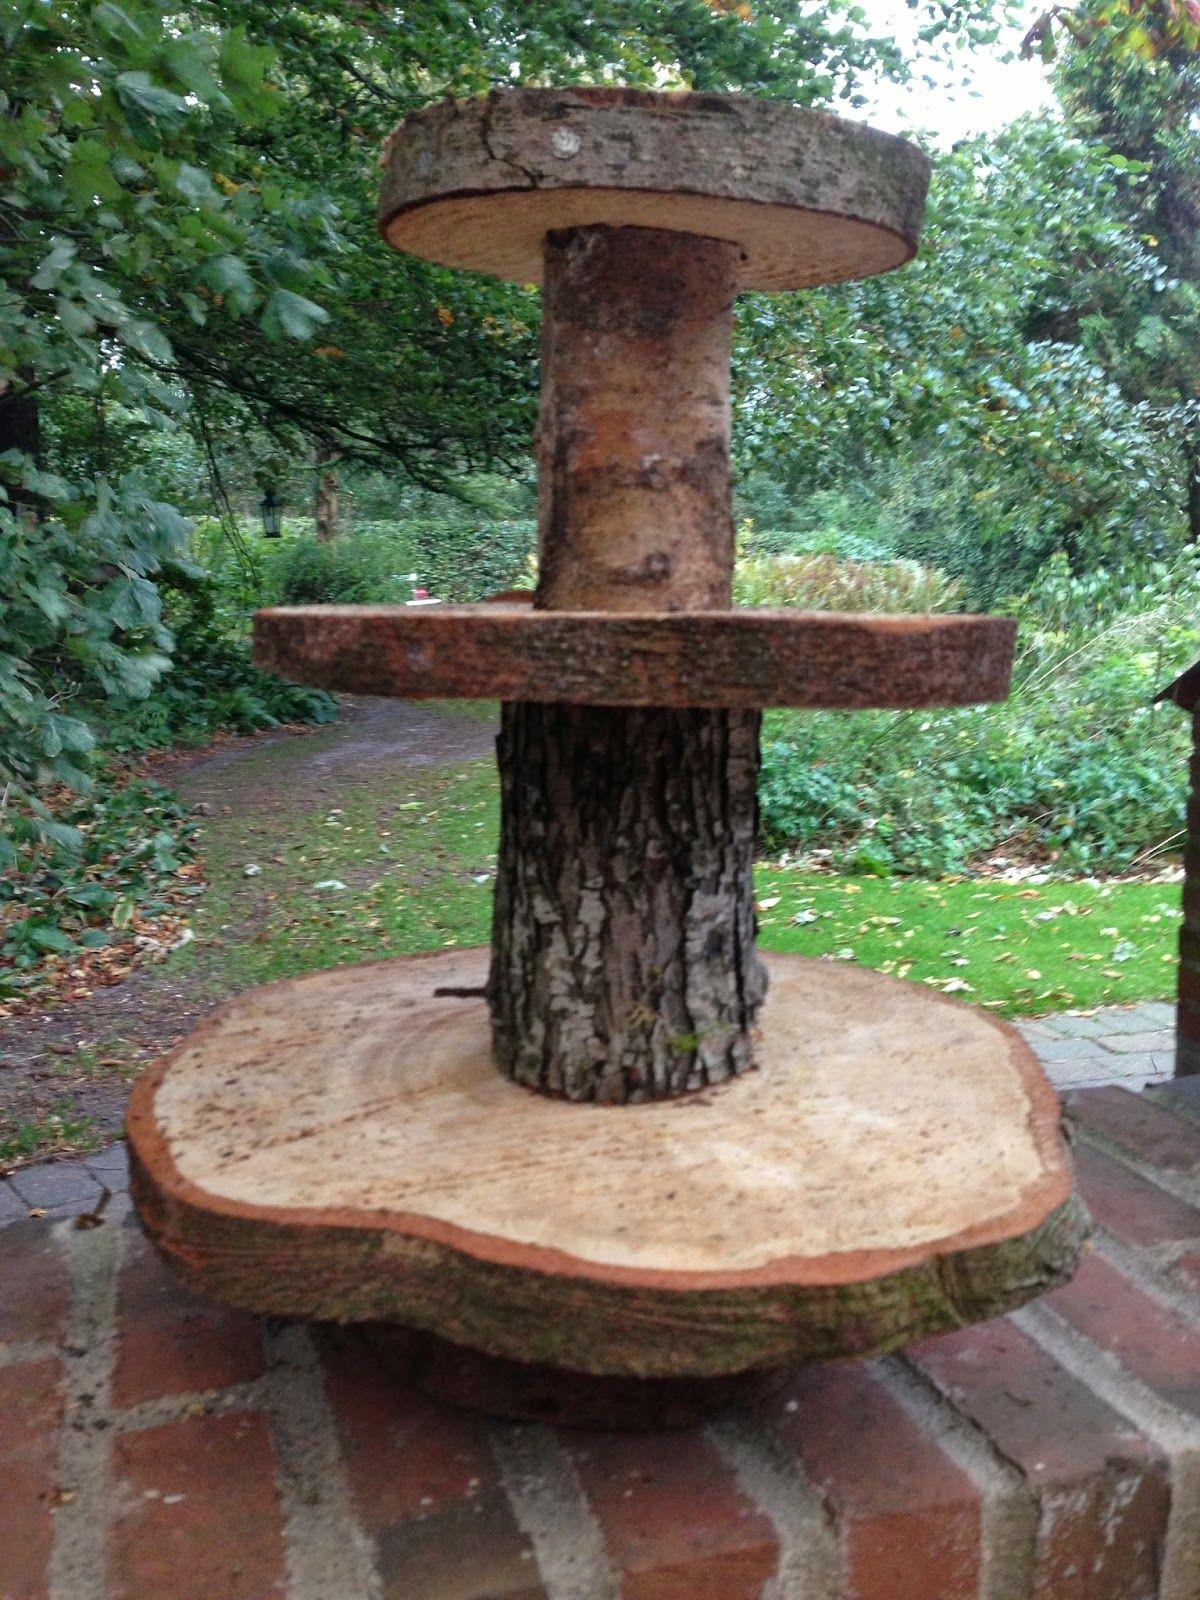 Pin von doro thörner auf Floristik | Herbst dekor, Herbst dekoration, Kleine bäume